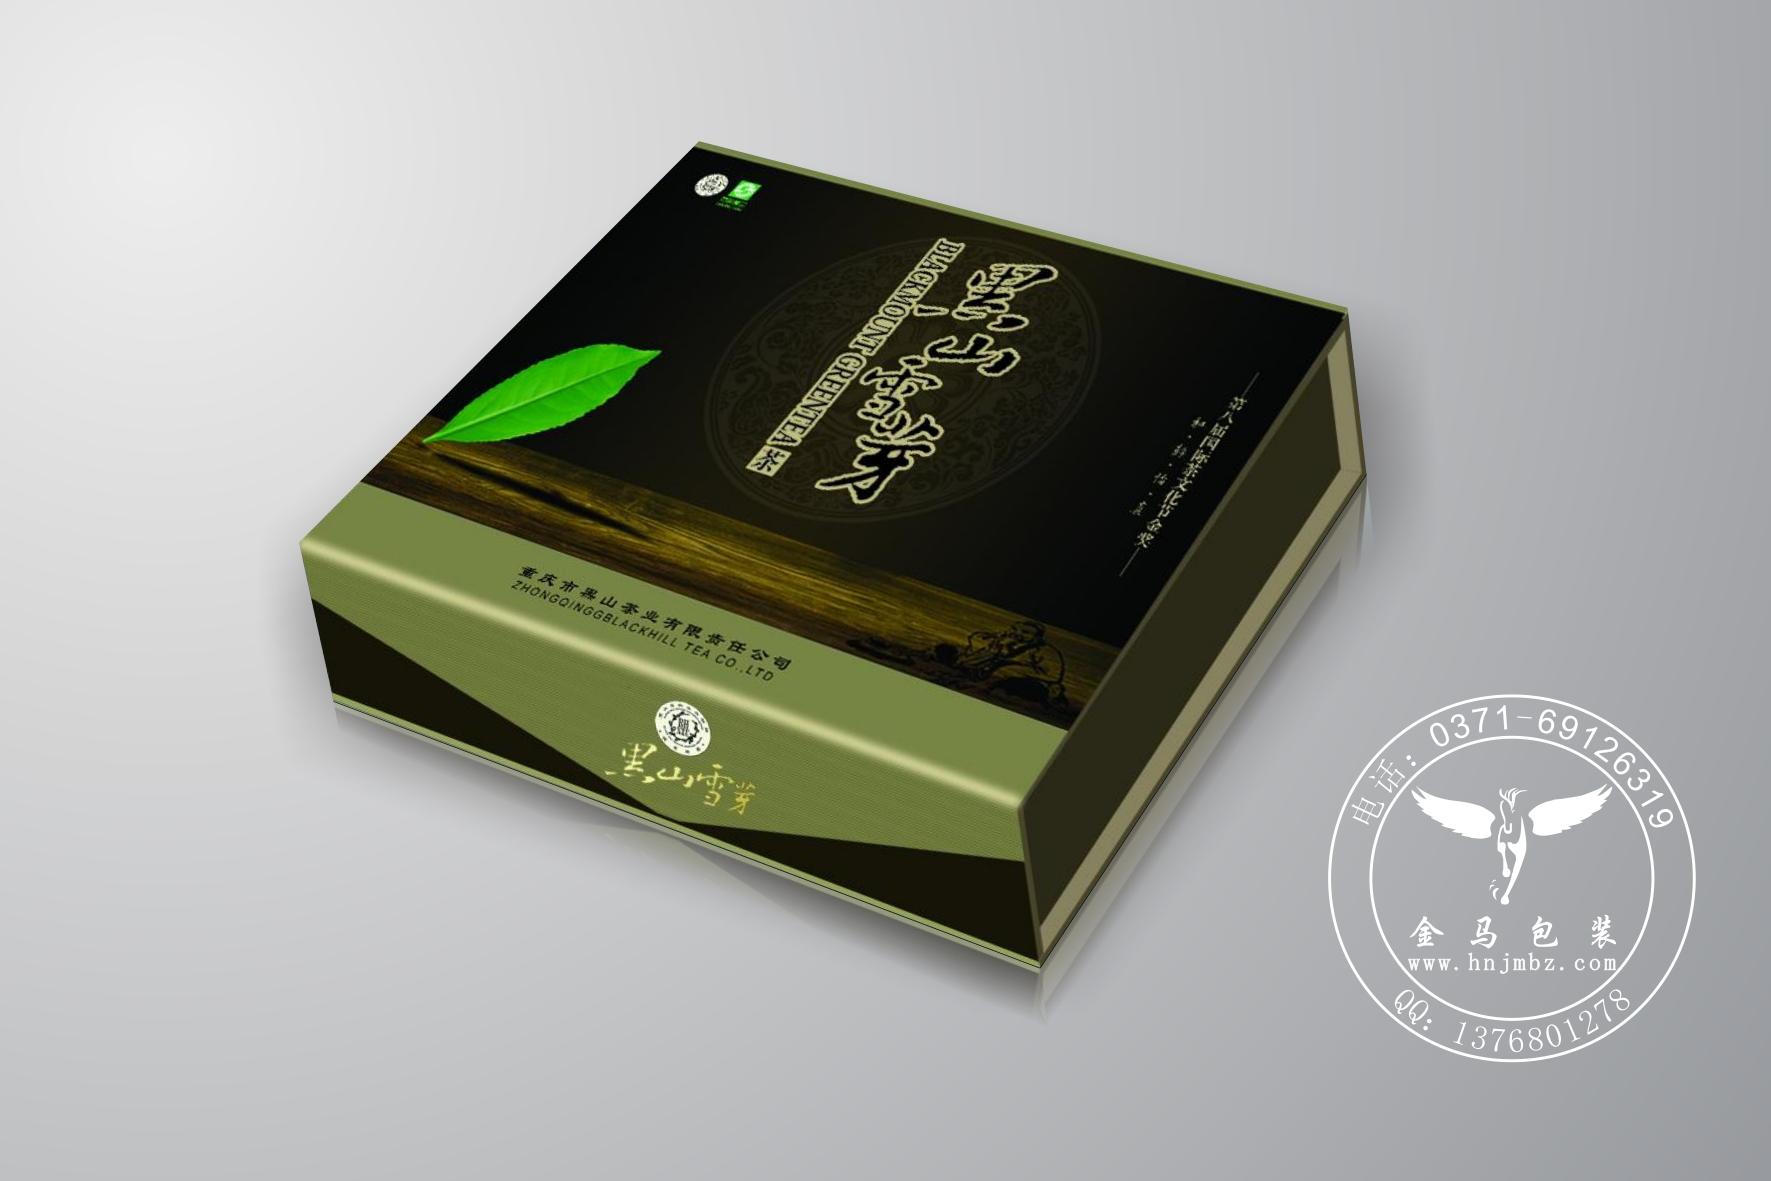 黑茶盒/黑山雪芽,书型盒包装加工厂家/郑州纸盒包装厂